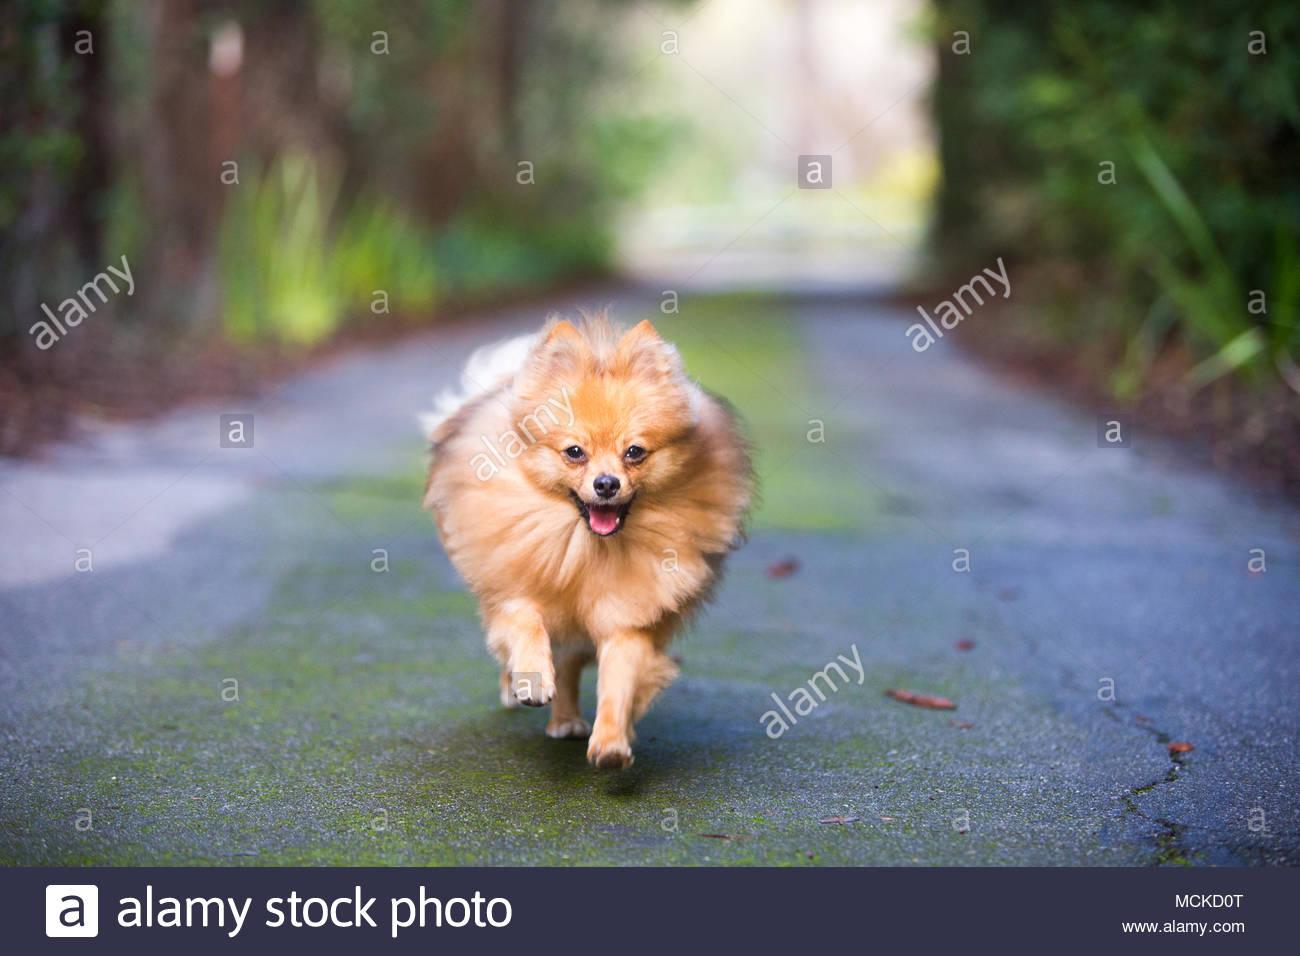 Red Pomeranian in Richtung Kamera auf der Straße mit viel Grün im Hintergrund Stockbild